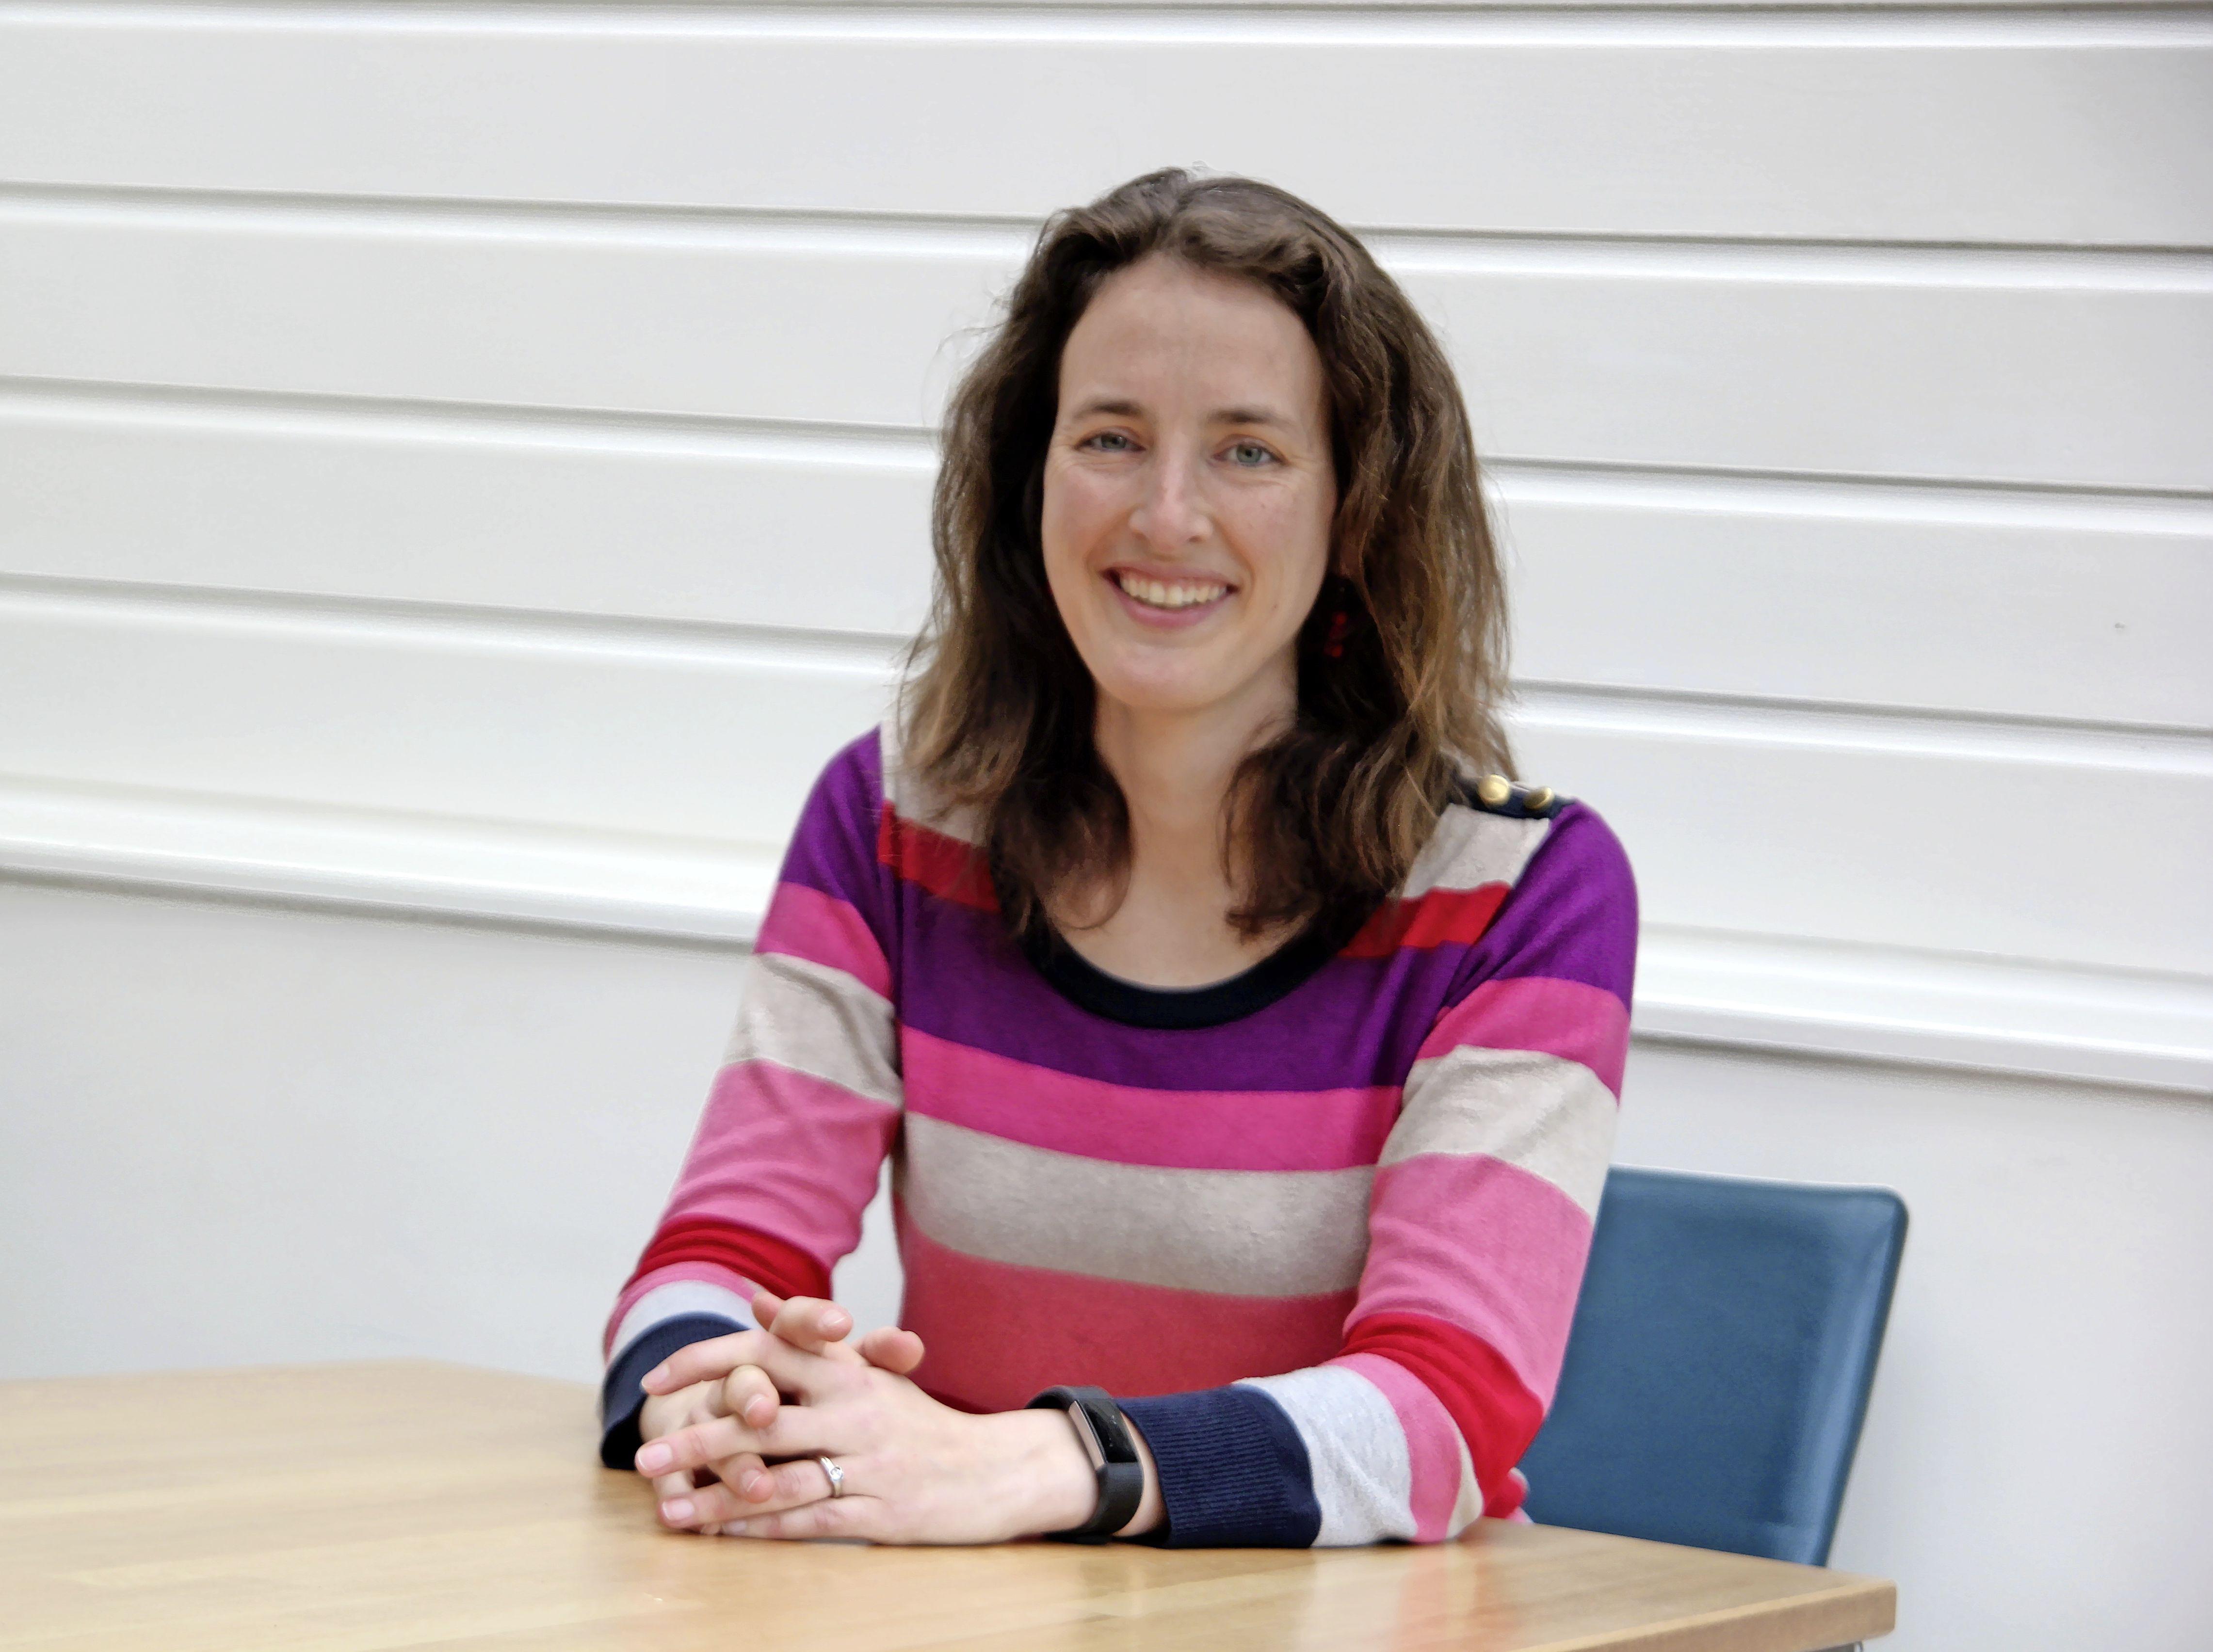 Millennial Erica Ording uit Leiden draagt graag haar steentje bij aan een betere toekomst